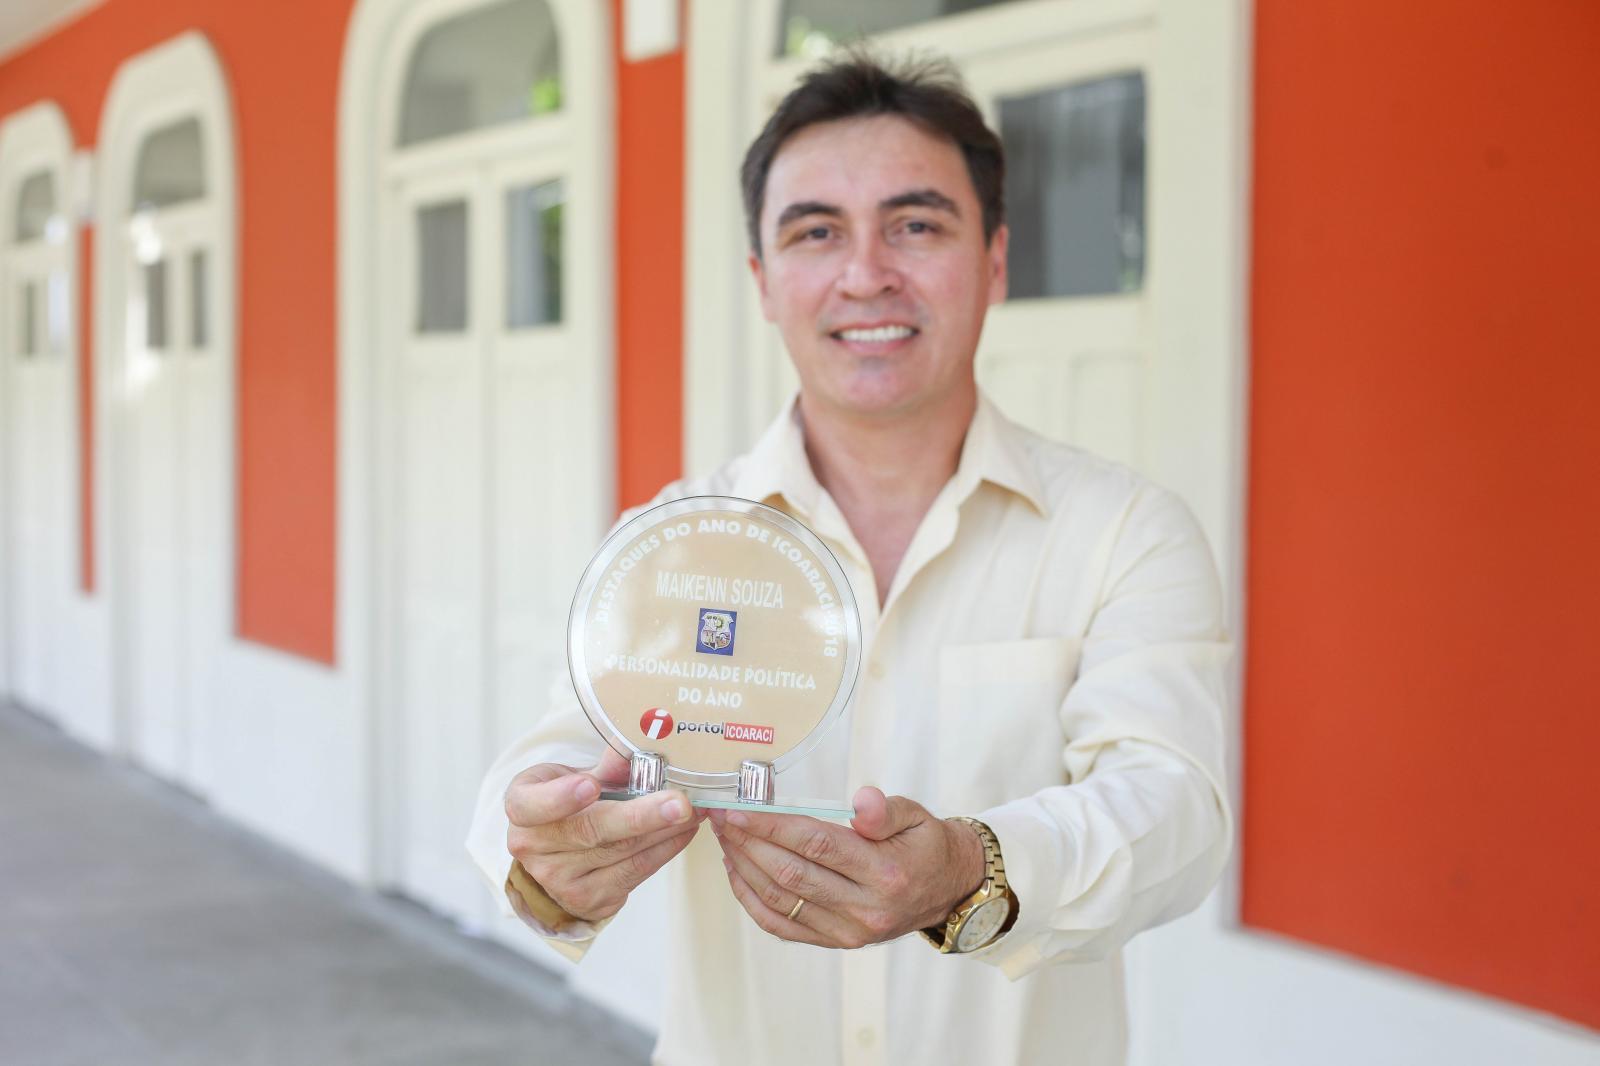 Maikenn Souza - Personalidade Política de Icoaraci